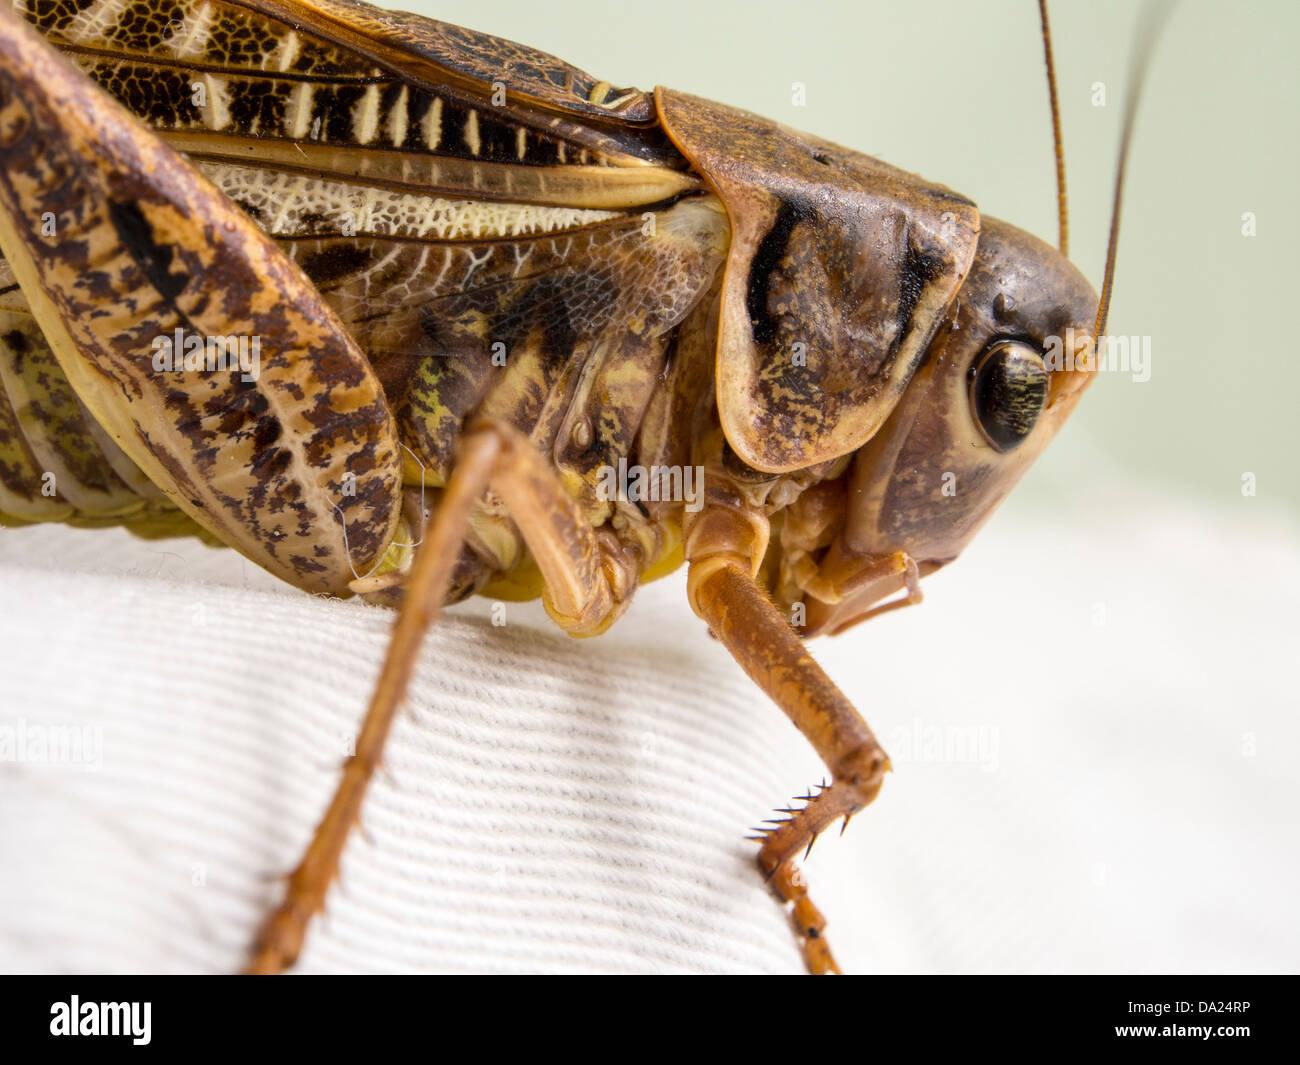 A grasshopper on Lesvos, Greece. - Stock Image